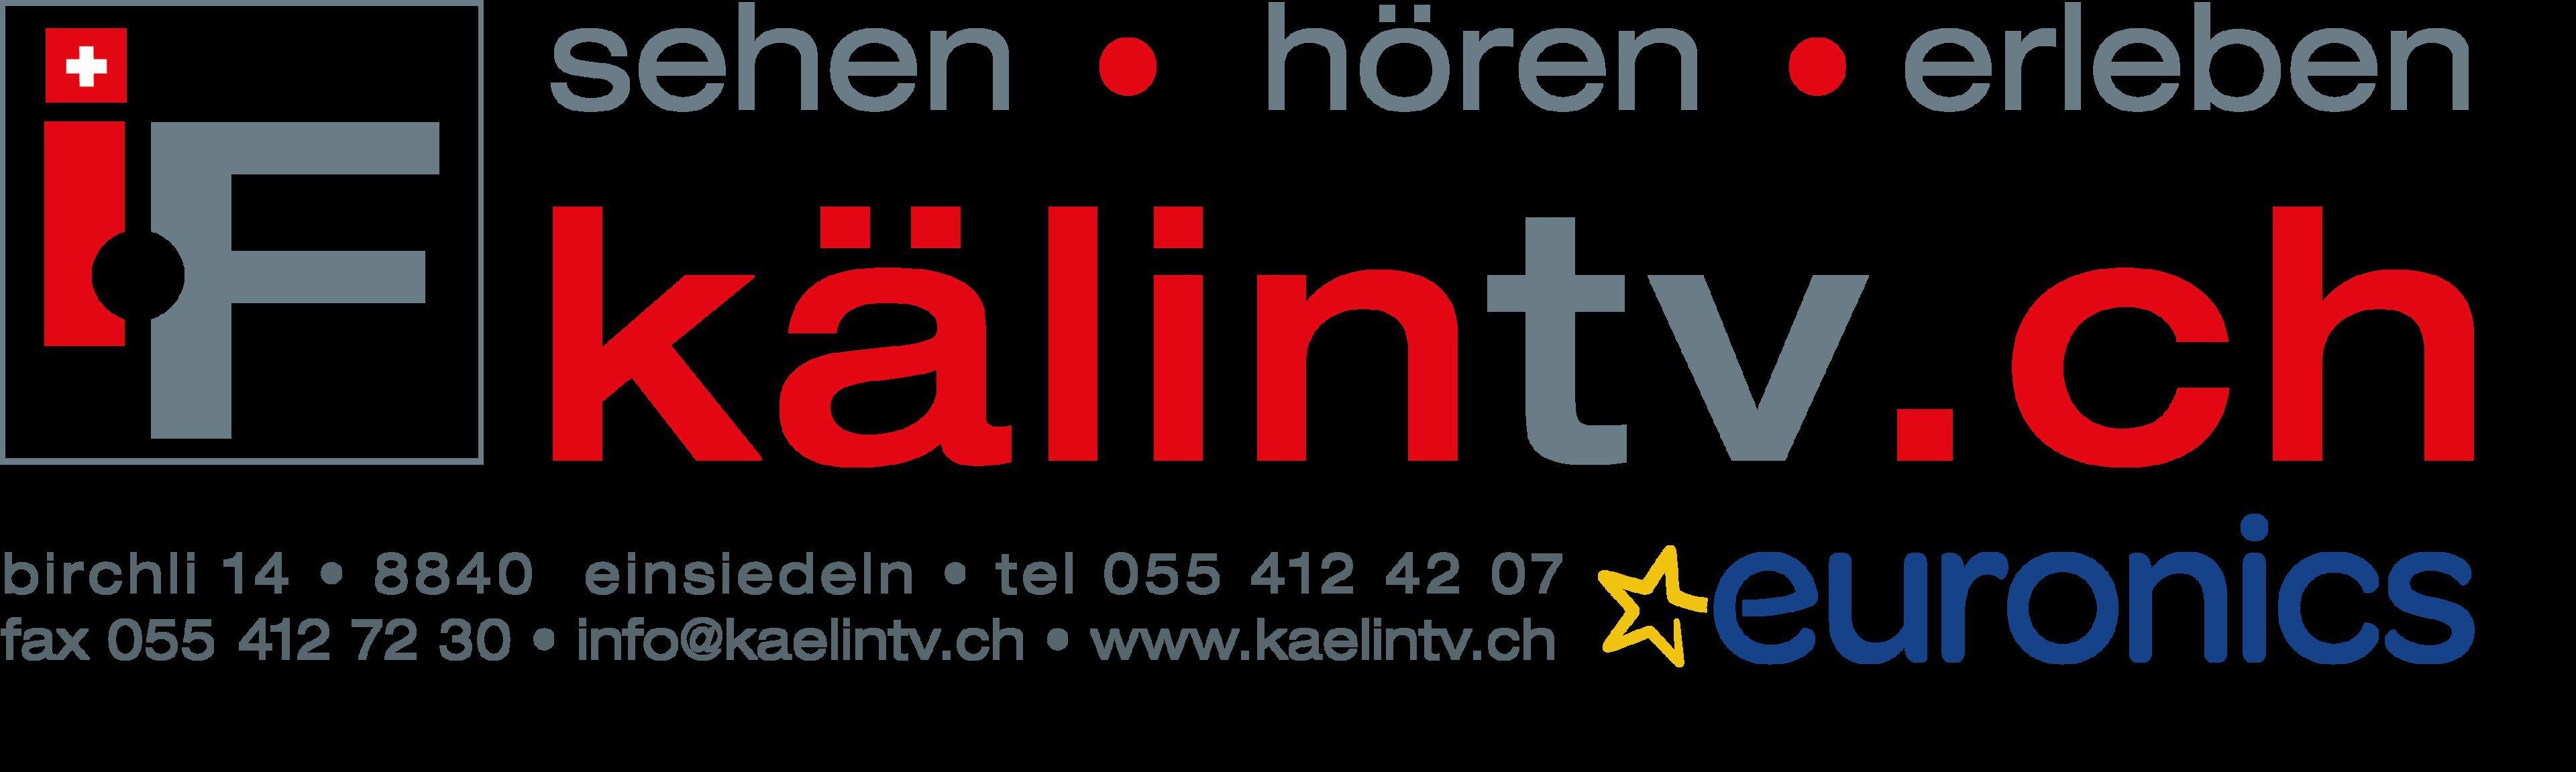 kälin tv.ch AG